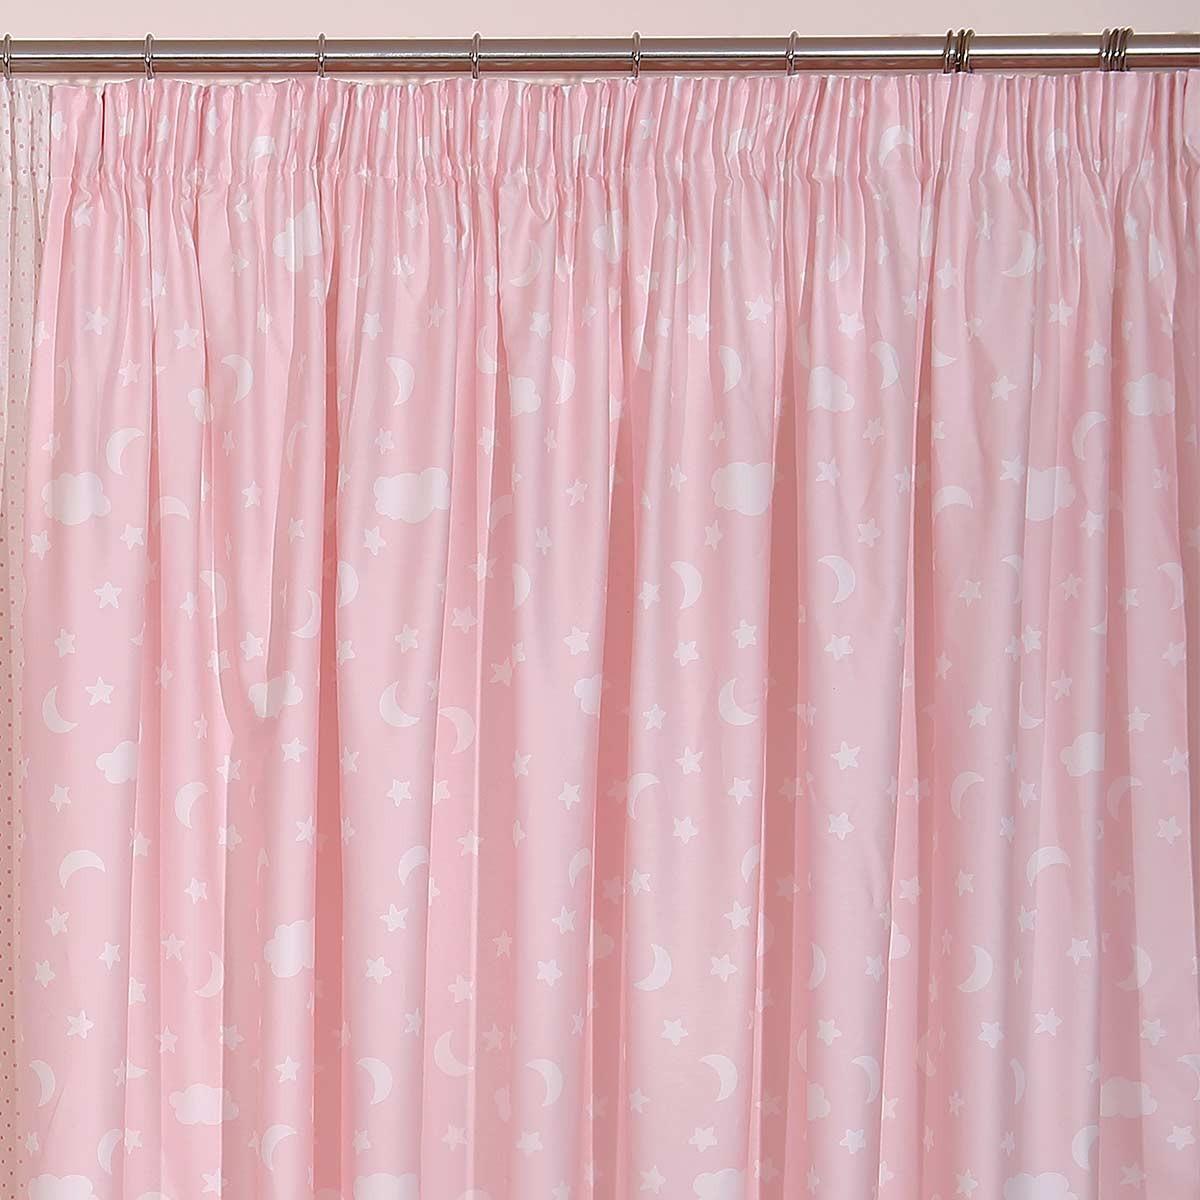 Παιδική Κουρτίνα (280x270) Viopros Curtains Σταρ Ροζ